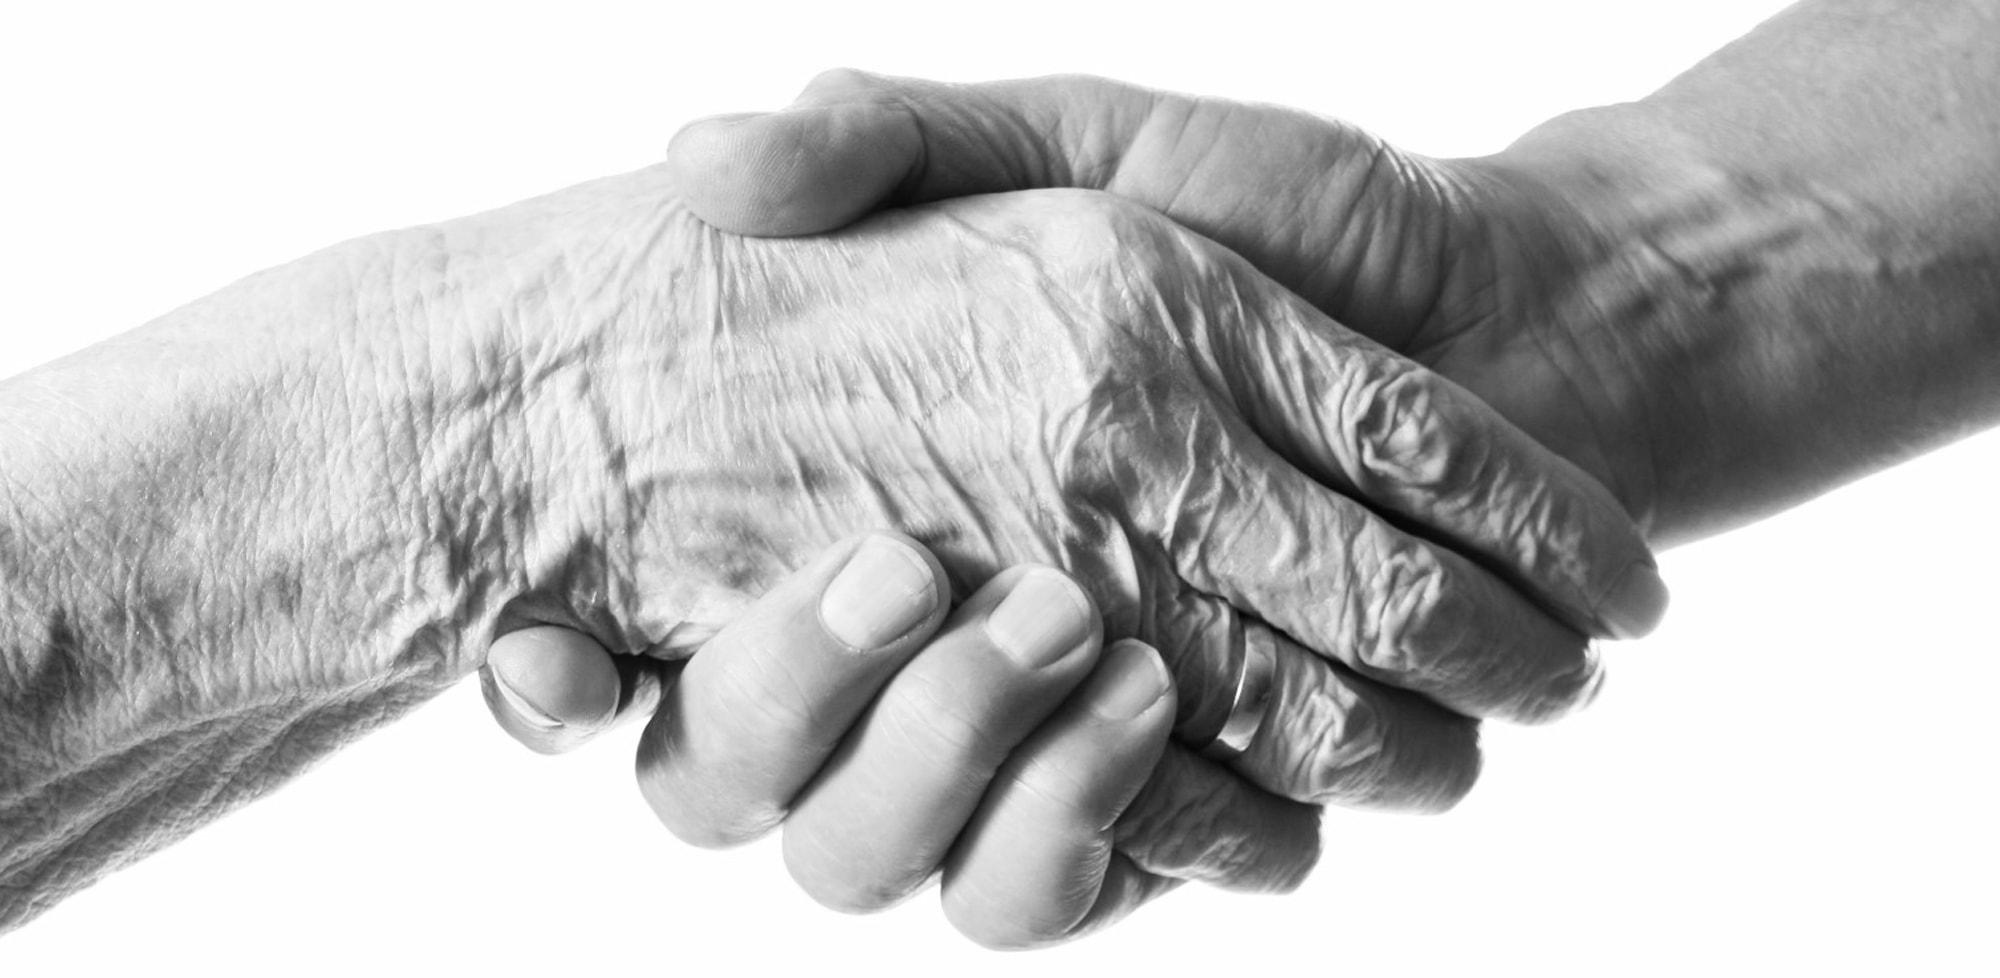 Envejecimiento: Investigación y futuro inmediato   Diálogos desde la Frontera #53